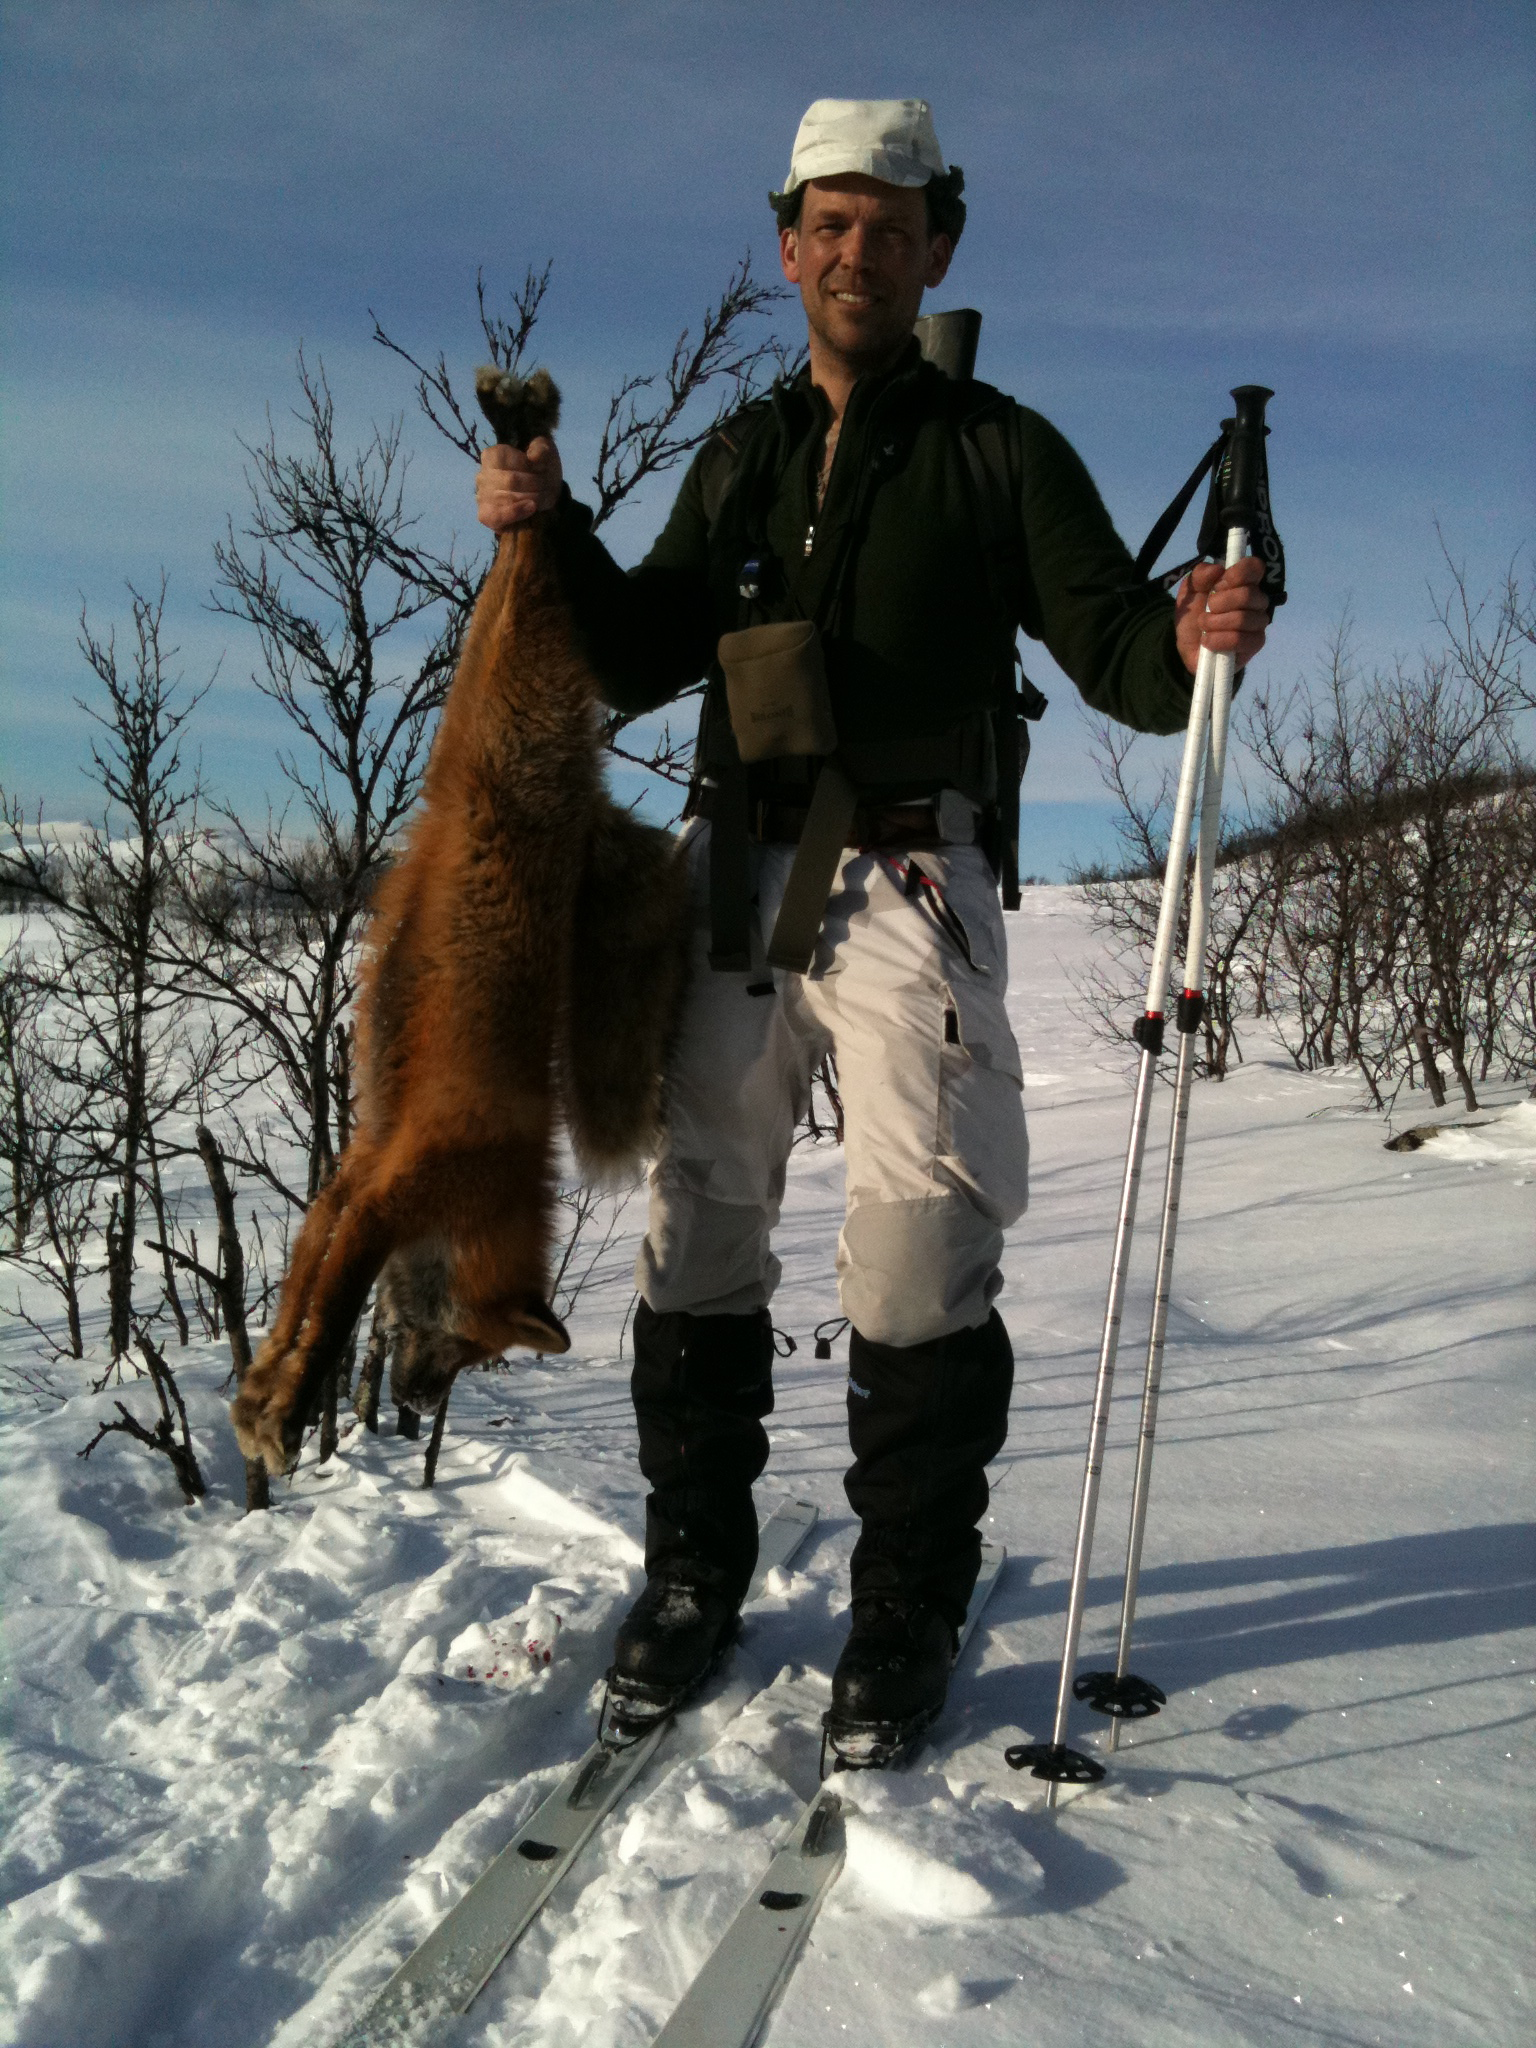 Bli inte förvånad om fjällets rävar är aktiva dagtid. Även en räv i lega brukar genast springa upp om den hör ett lockläte.